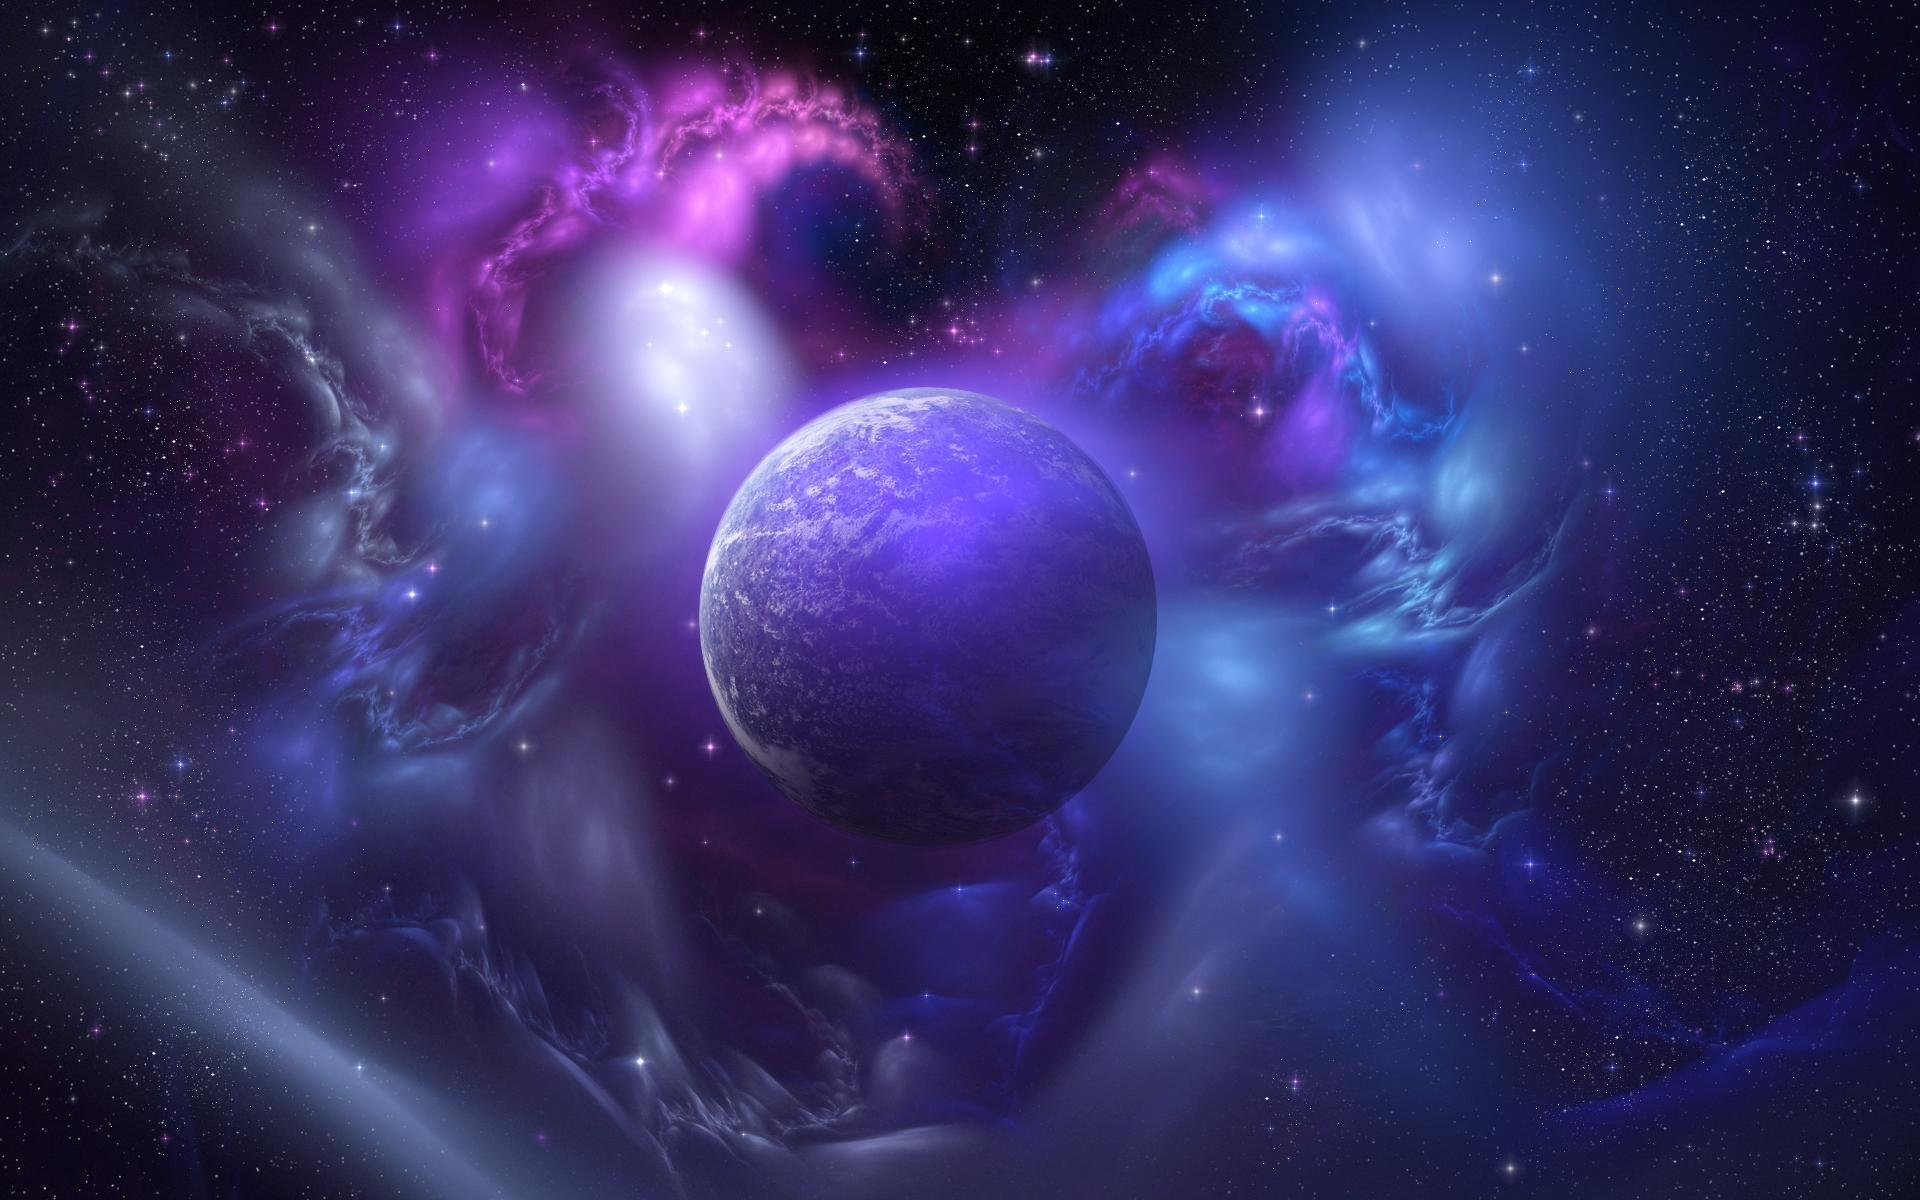 космос, фиолетовый мир, скачать фото, space wallpaper